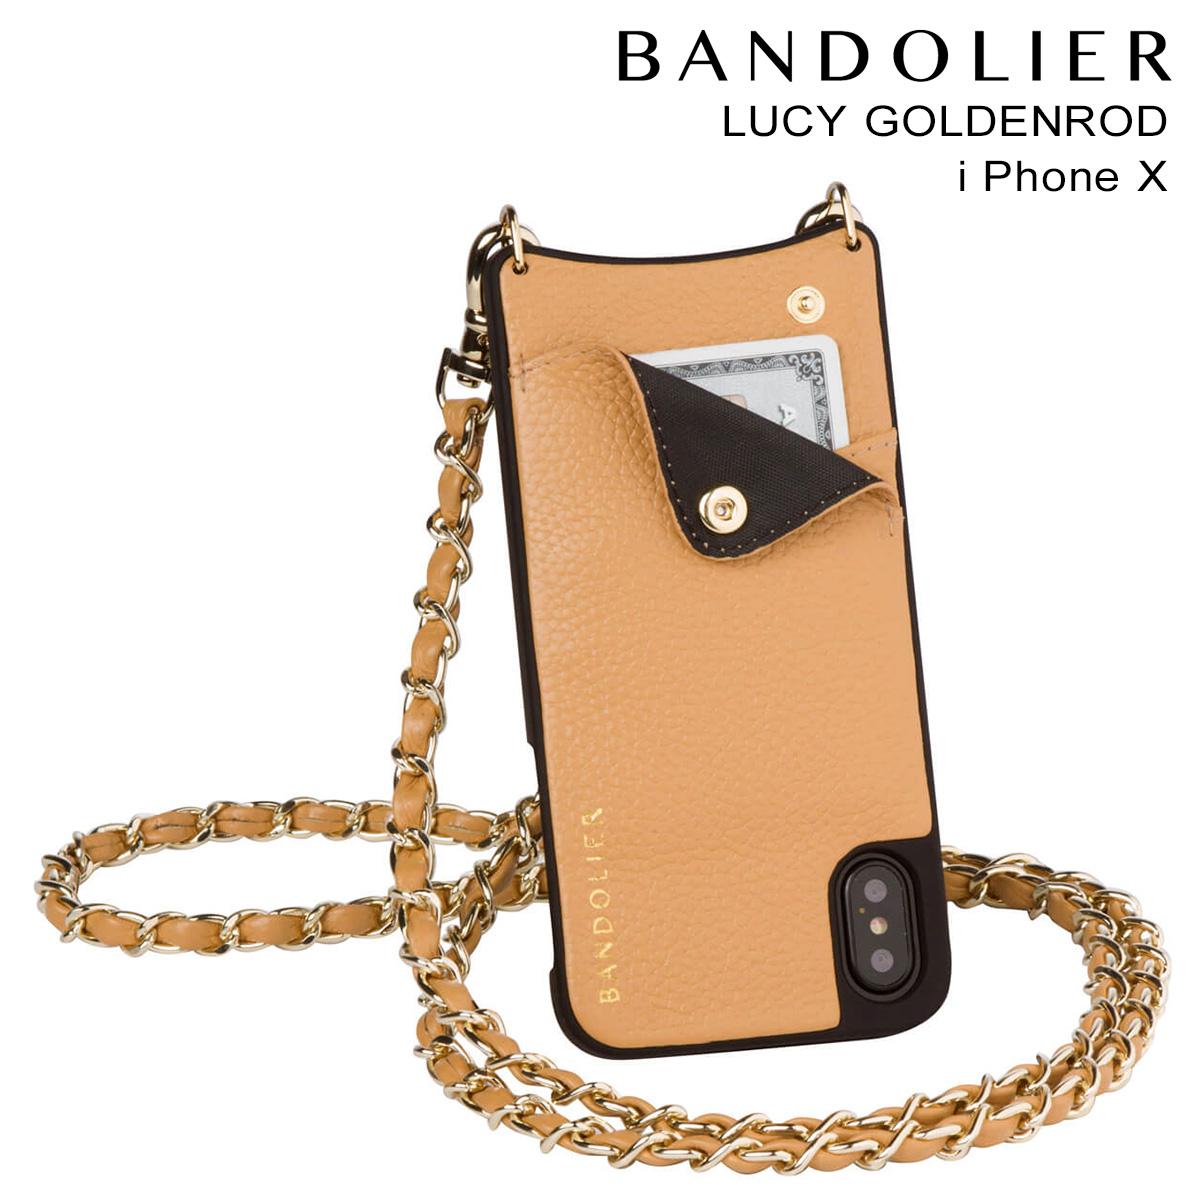 バンドリヤー BANDOLIER iPhoneX ケース スマホ アイフォン LUCY GOLDENROD レザー メンズ レディース